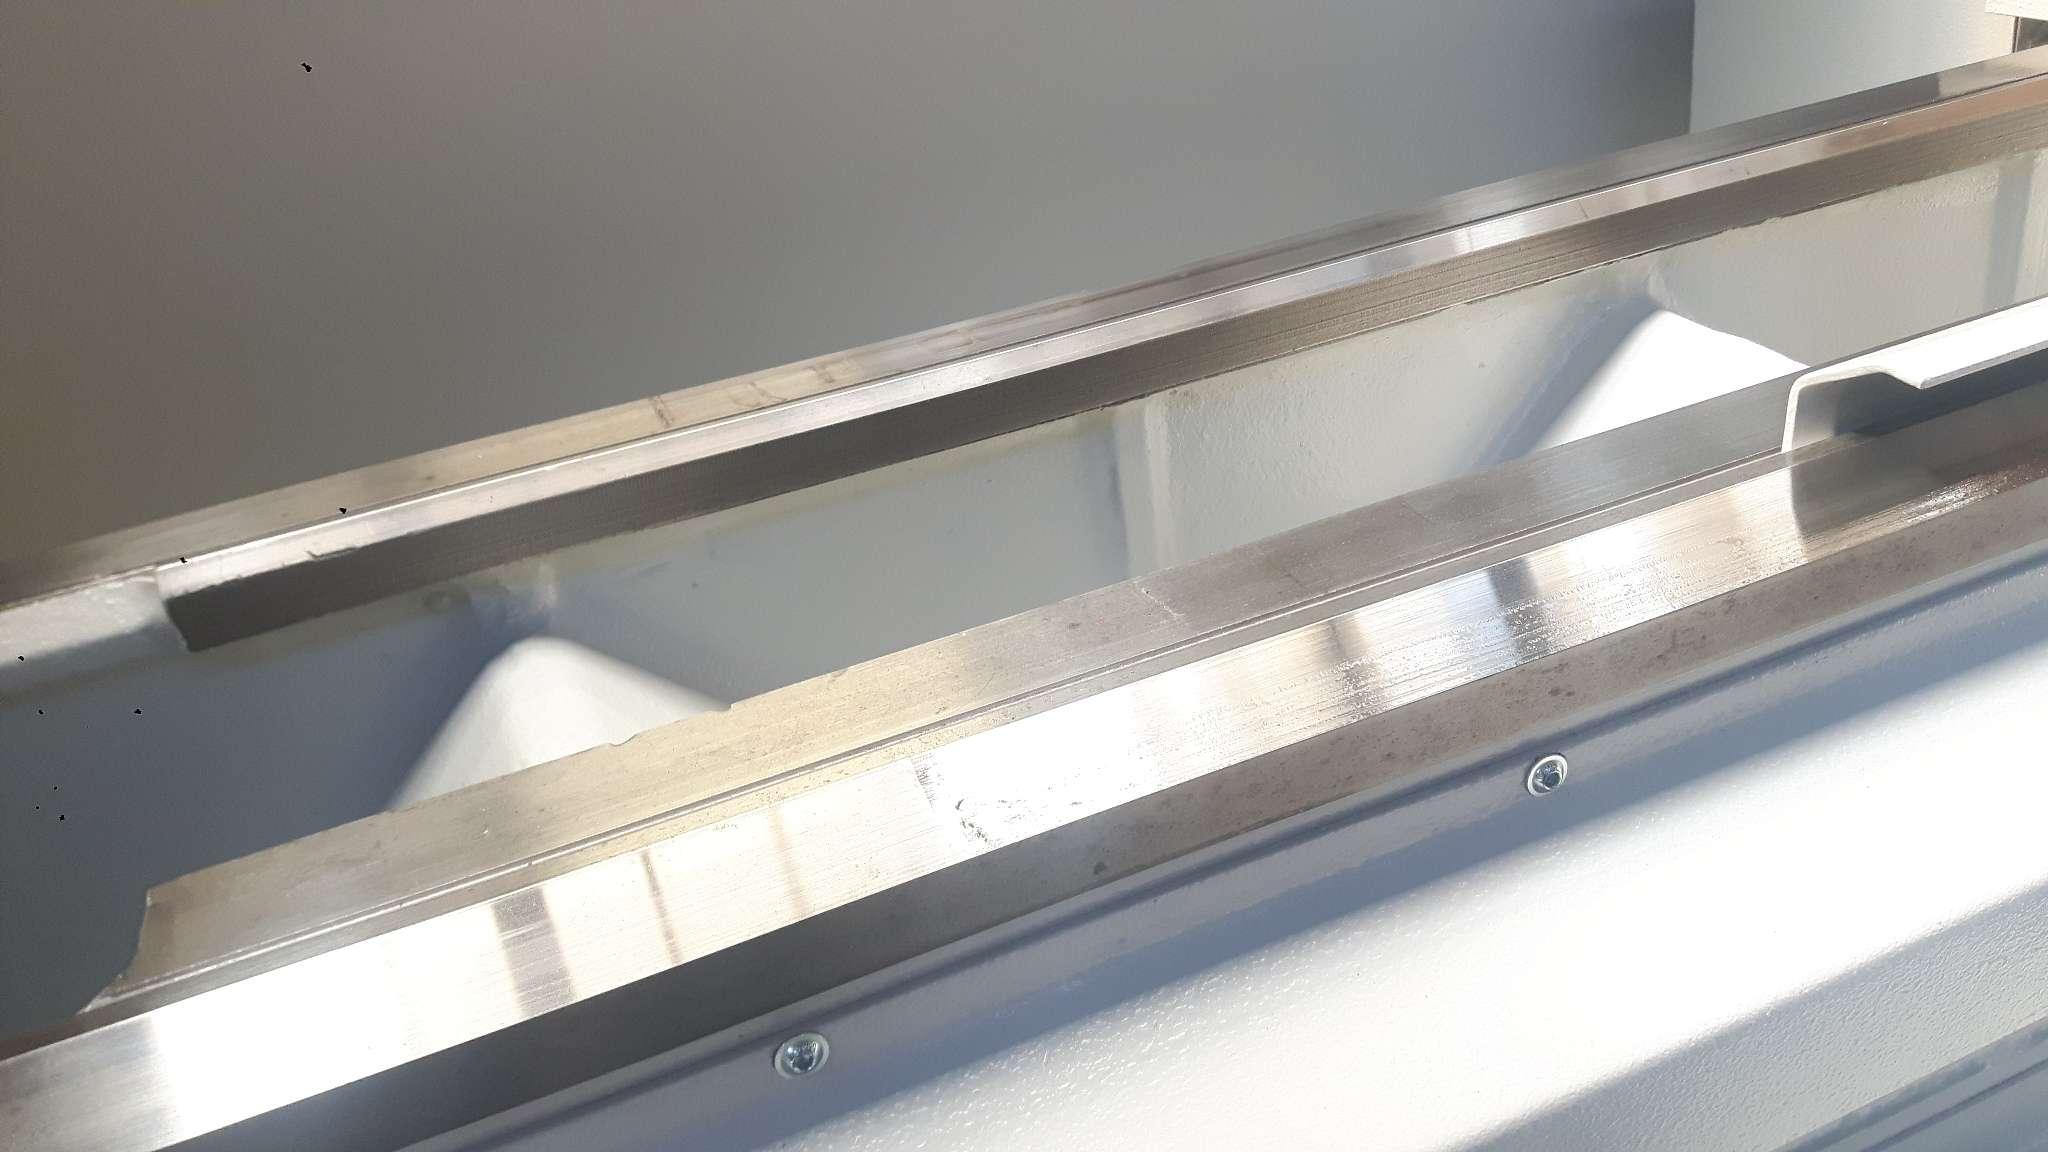 Drehmaschine - zyklengesteuert VOEST-ALPINE STEINEL W 570 E Bilder auf Industry-Pilot